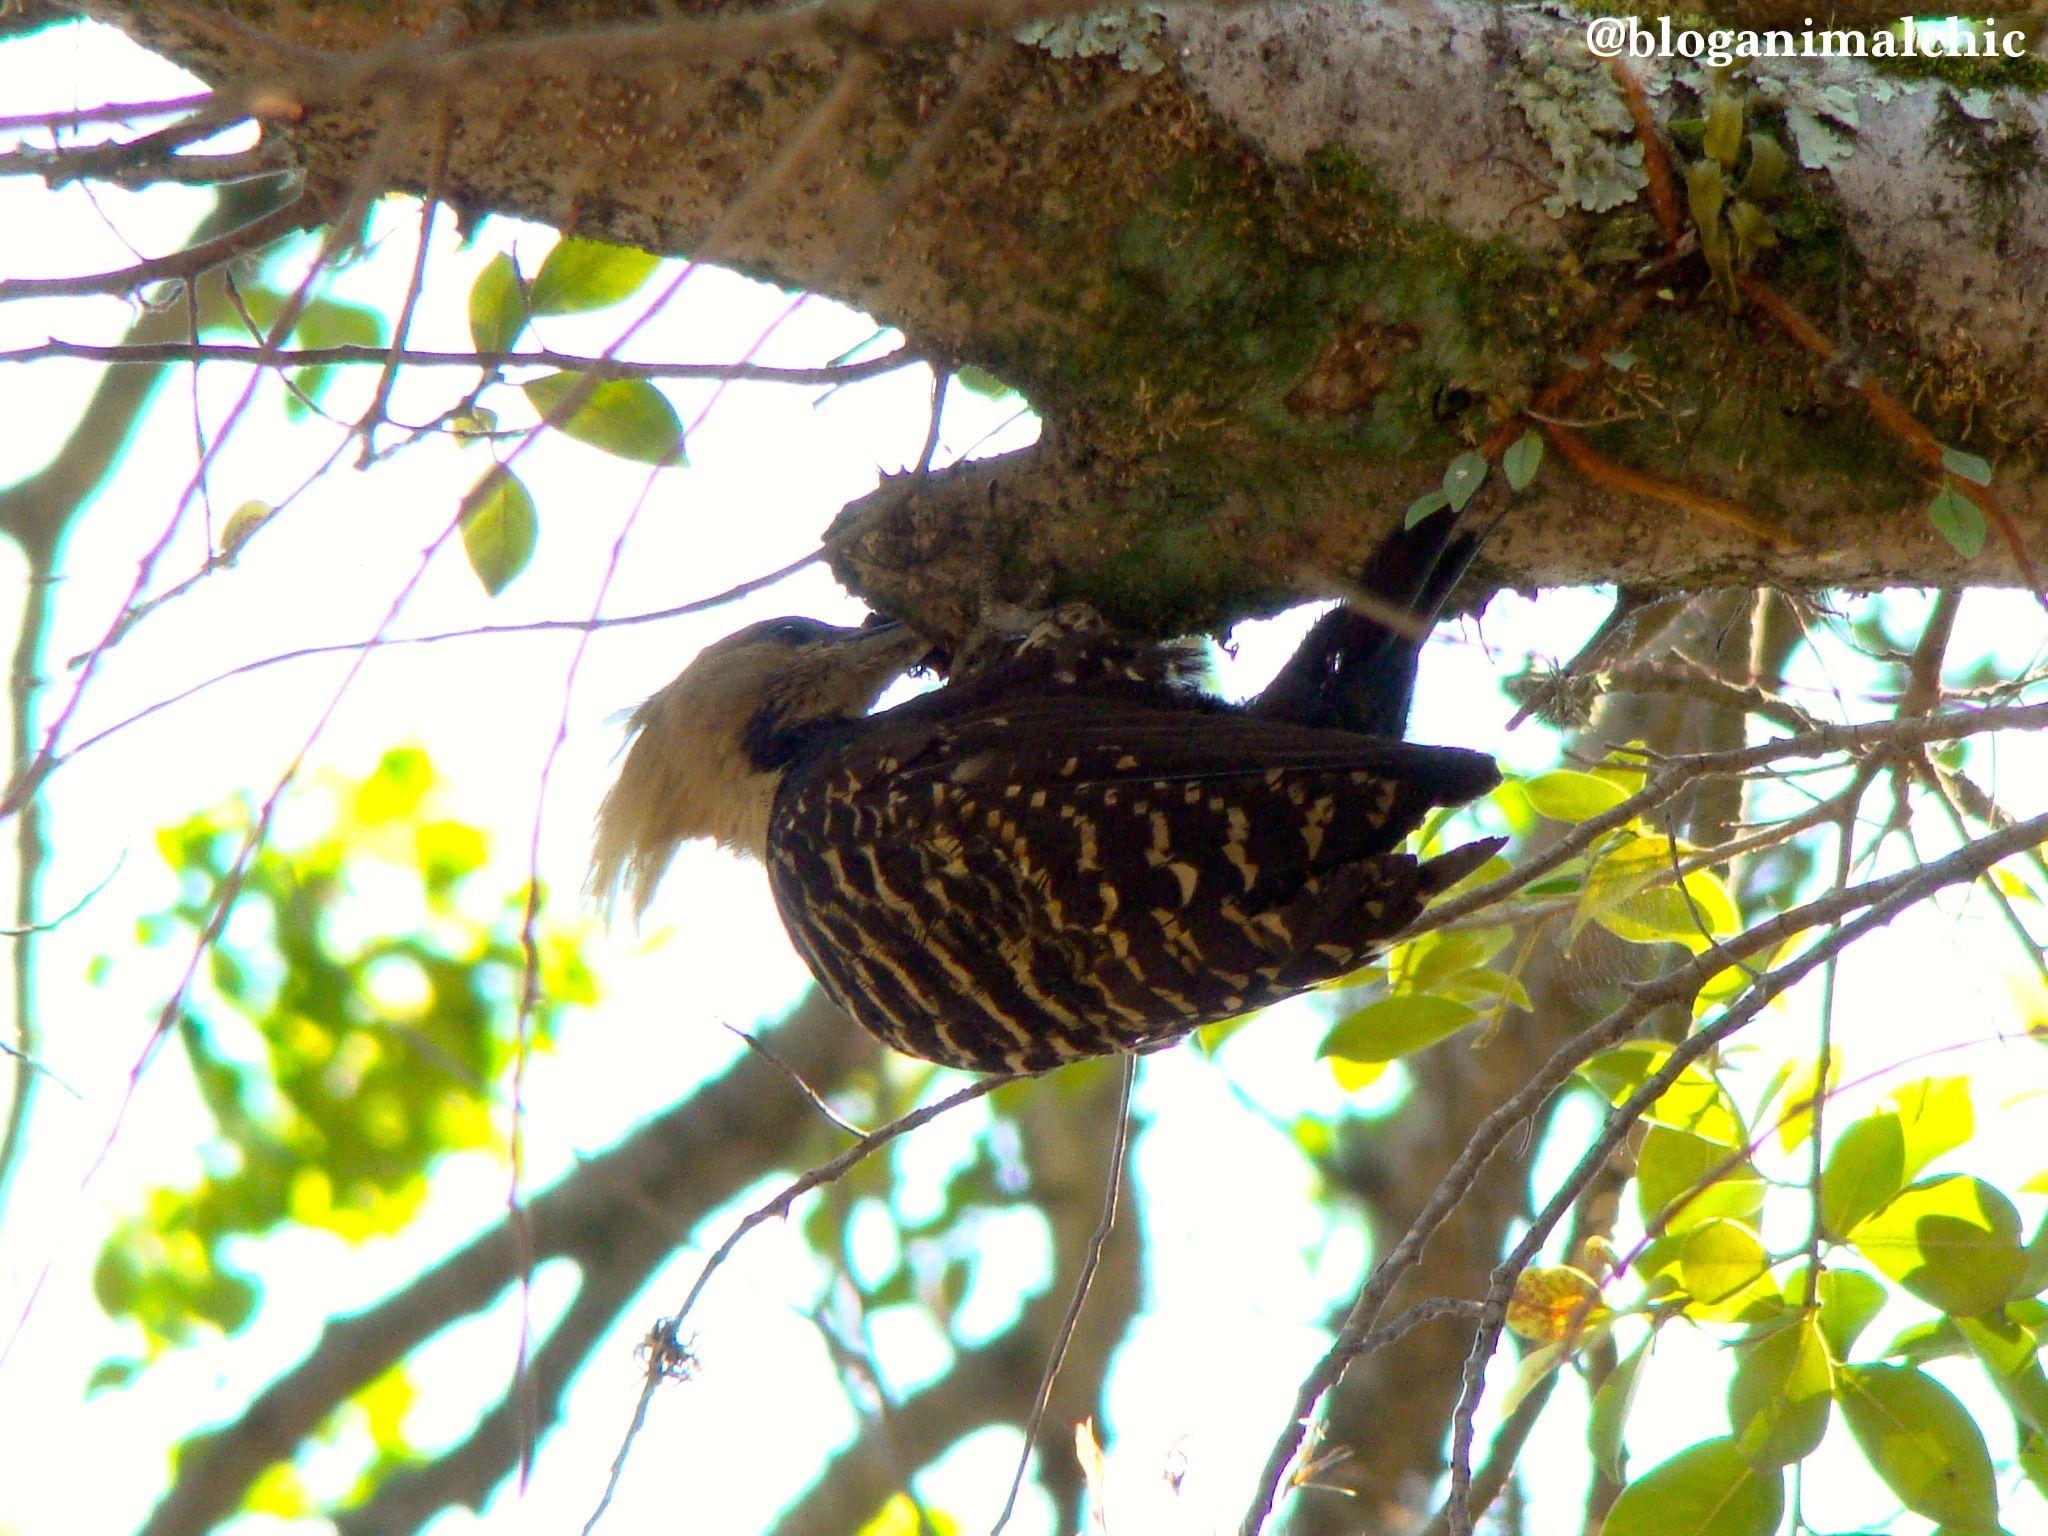 Pica-pau-de-cabeça-amarela (Celeus flavescens) registrado no Pq. Ibirapuera em São Paulo/SP em Dezembro/13.